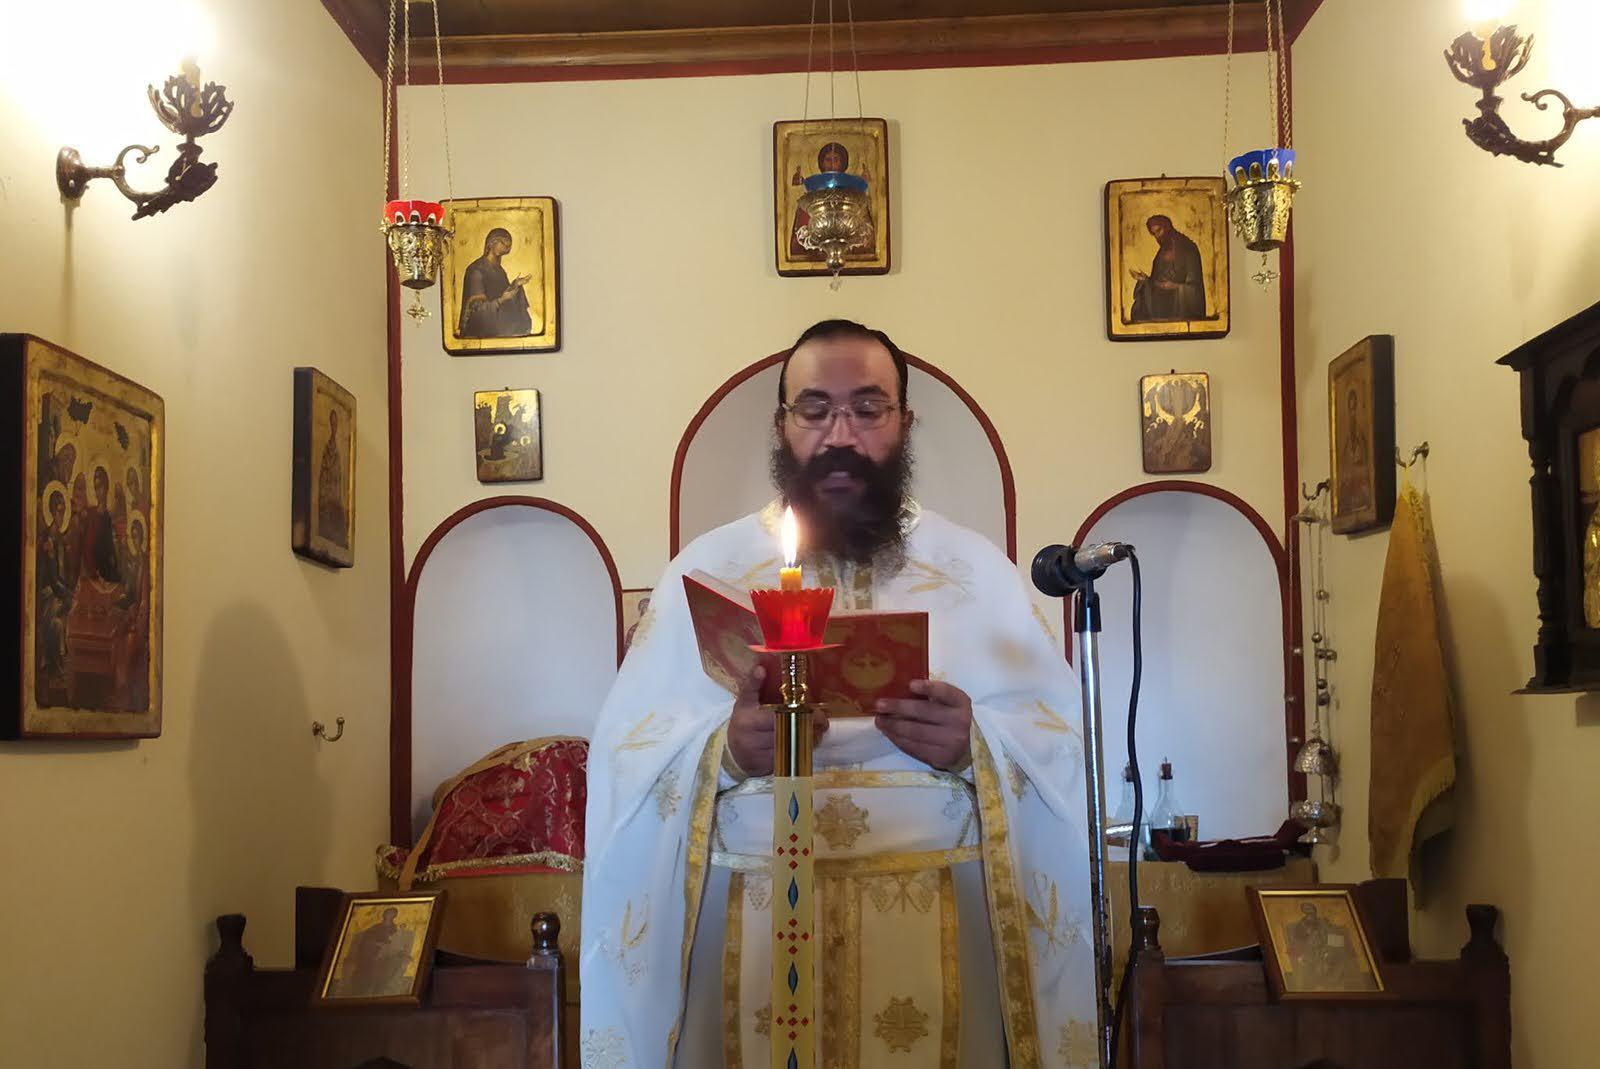 Γιορτή Αγίας Τριάδος της Μονής Γηρομερίου Θεσπρωτίας